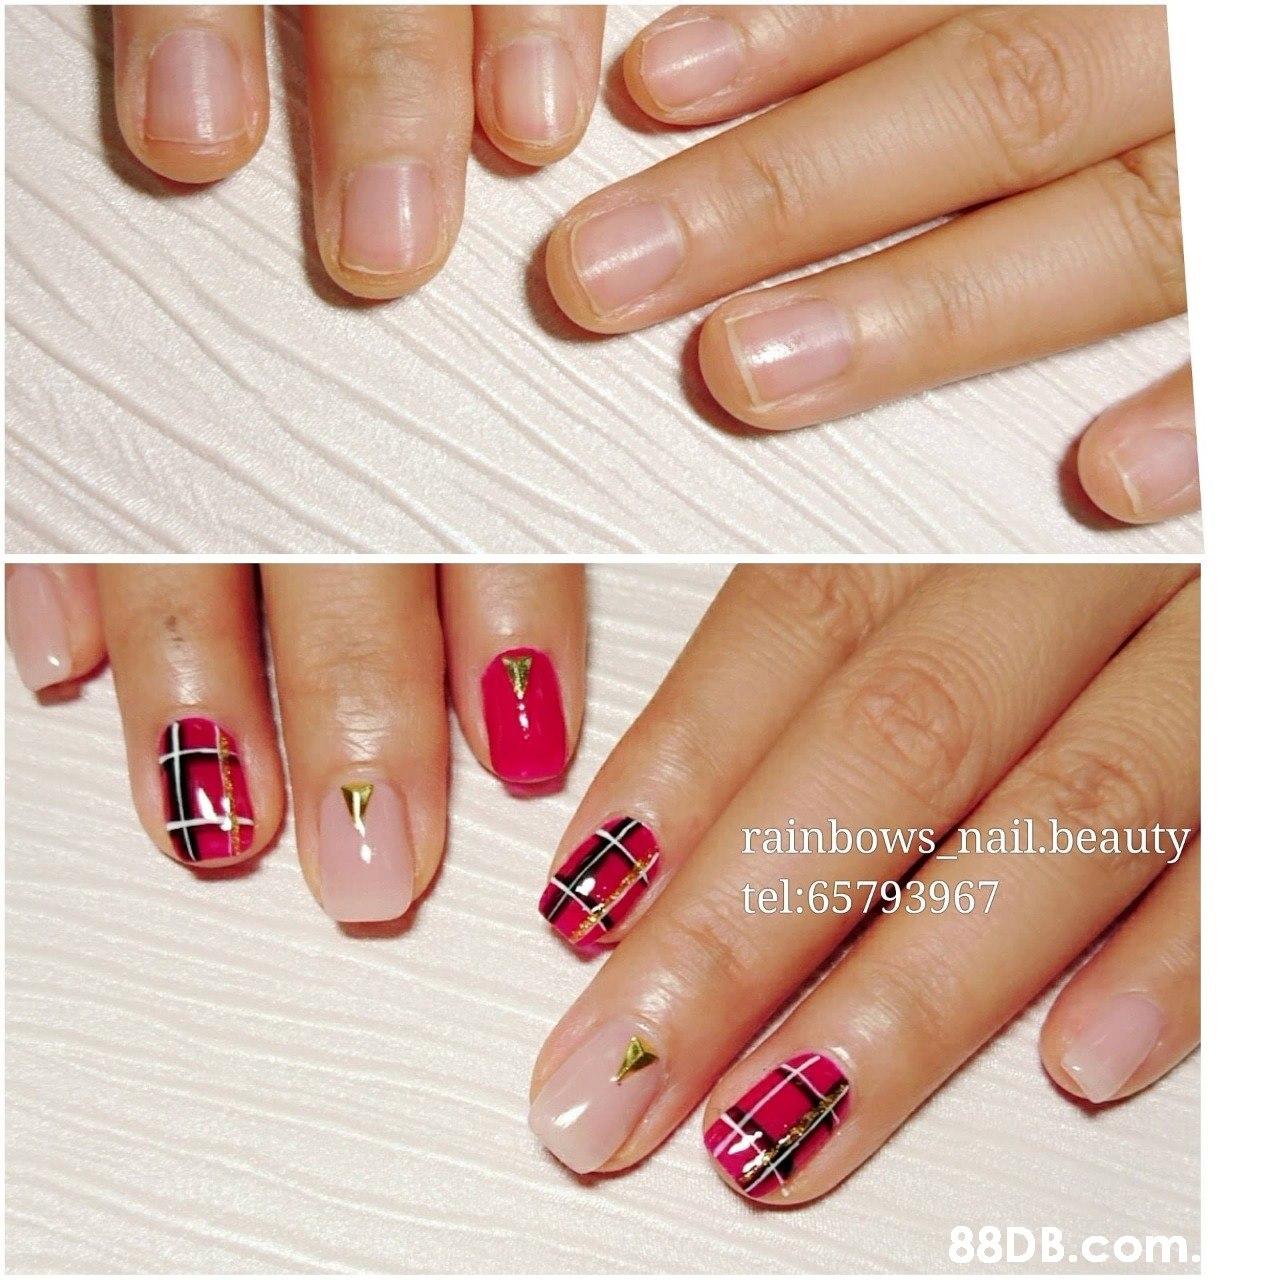 rainbows nail.beauty tel:65793967 .  Nail polish,Manicure,Nail,Nail care,Finger